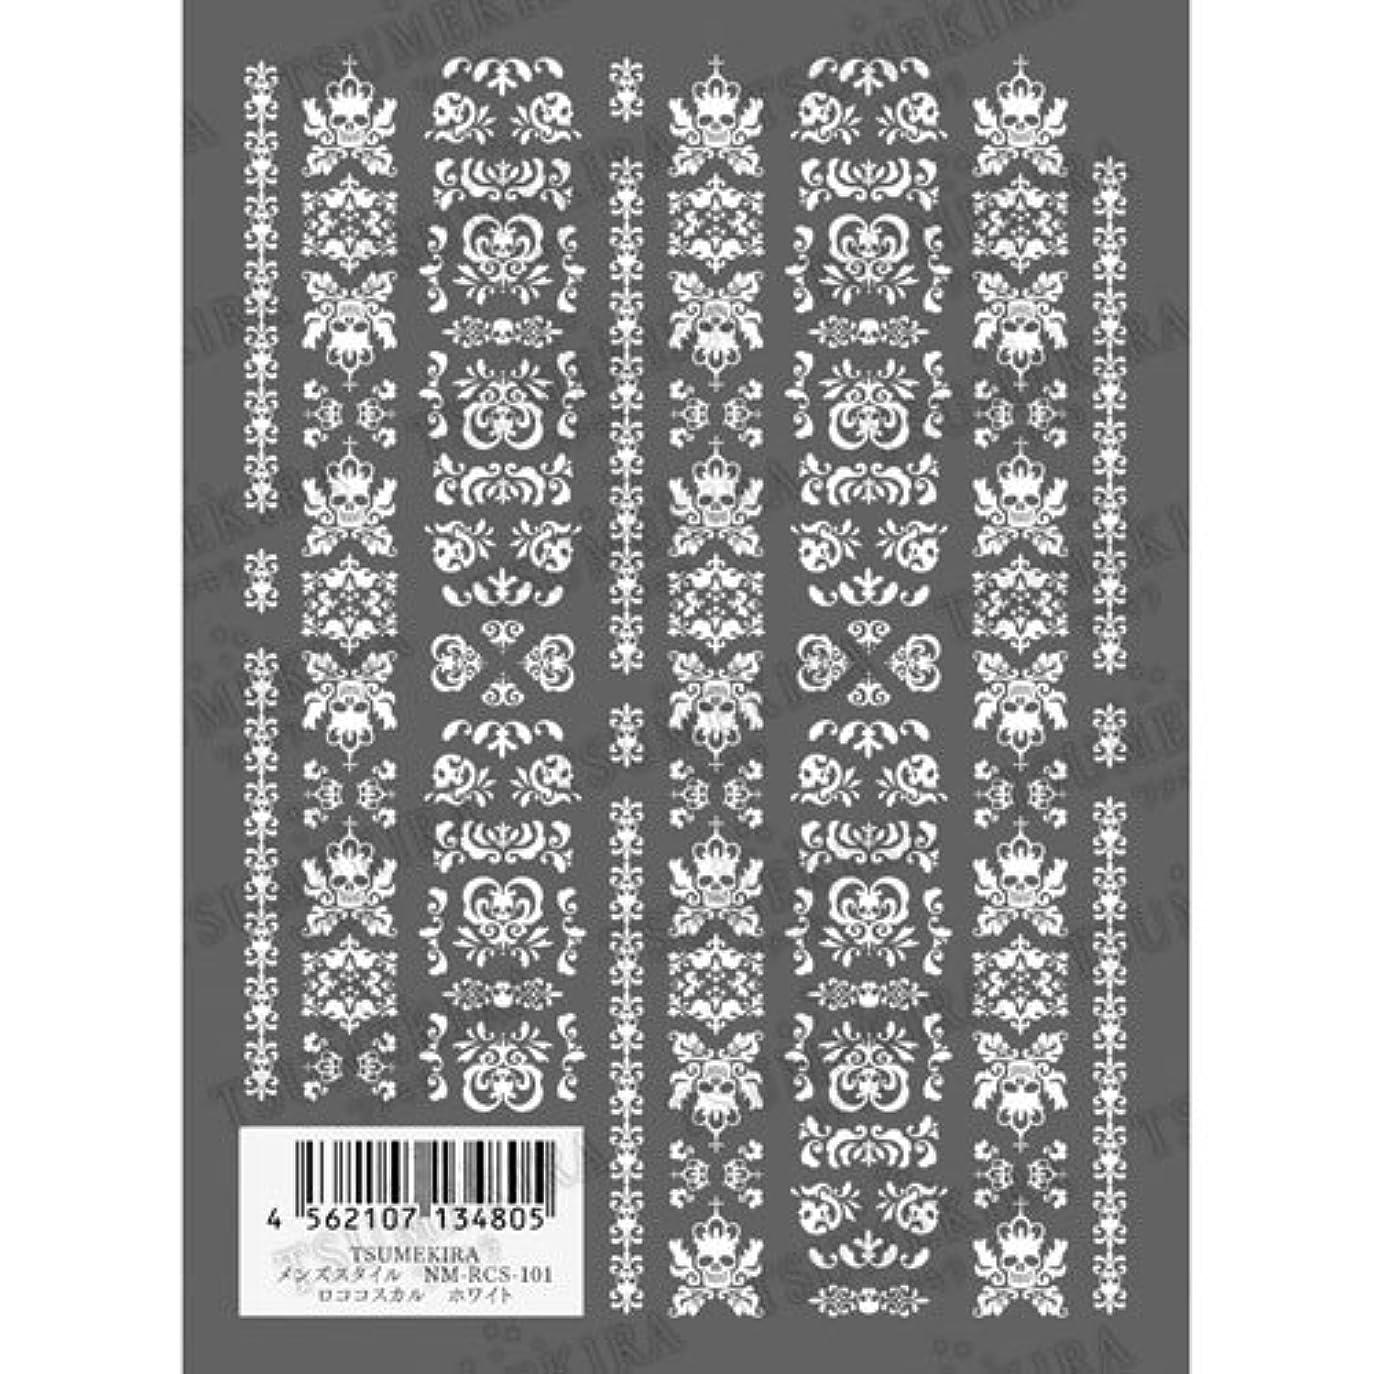 メディック読書アトラスツメキラ ネイル用シール メンズスタイル ロココスカル ホワイト